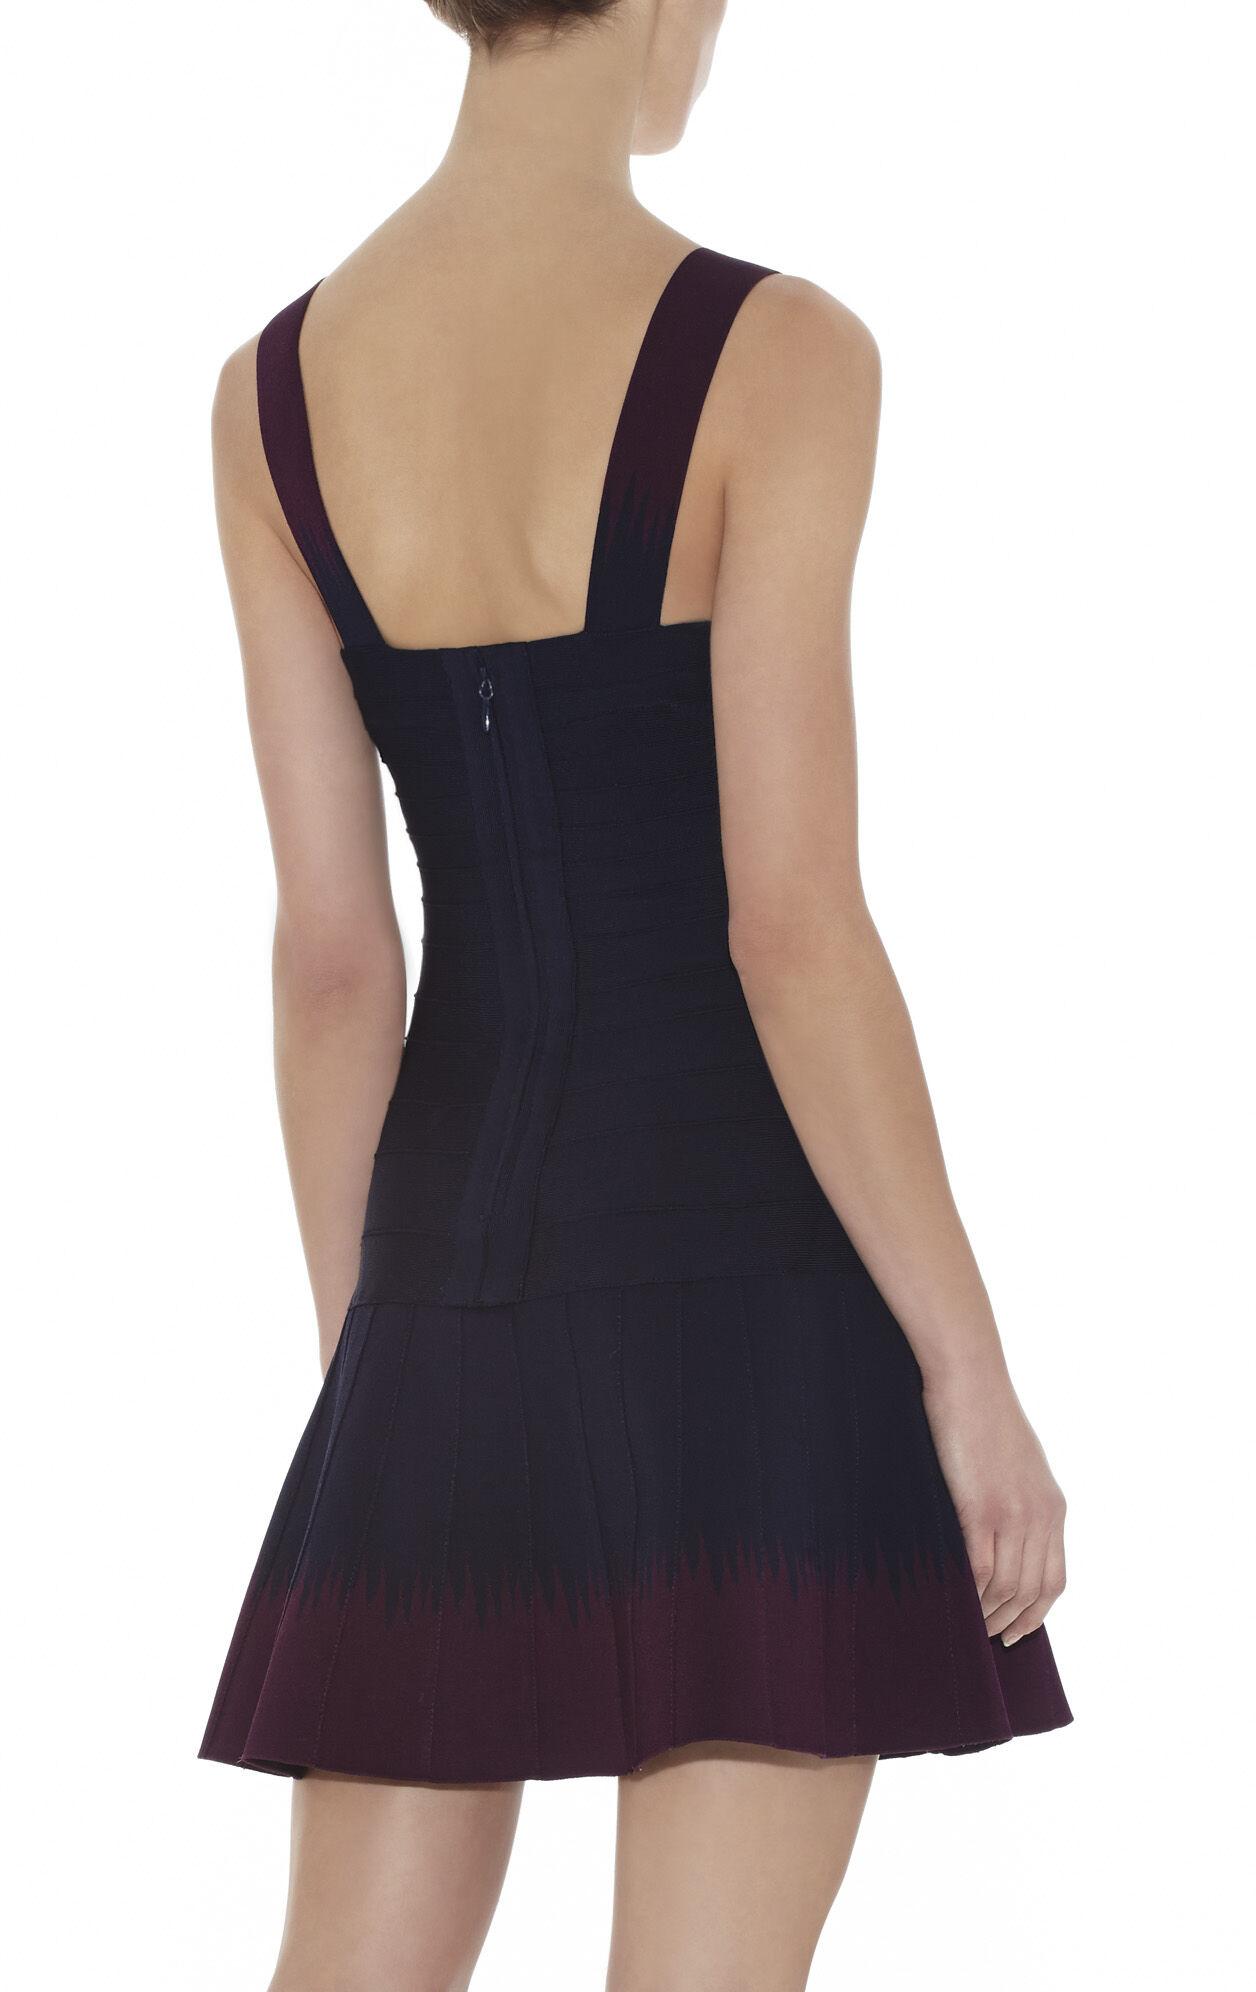 Adina Jagged Pike Jacquard Dress